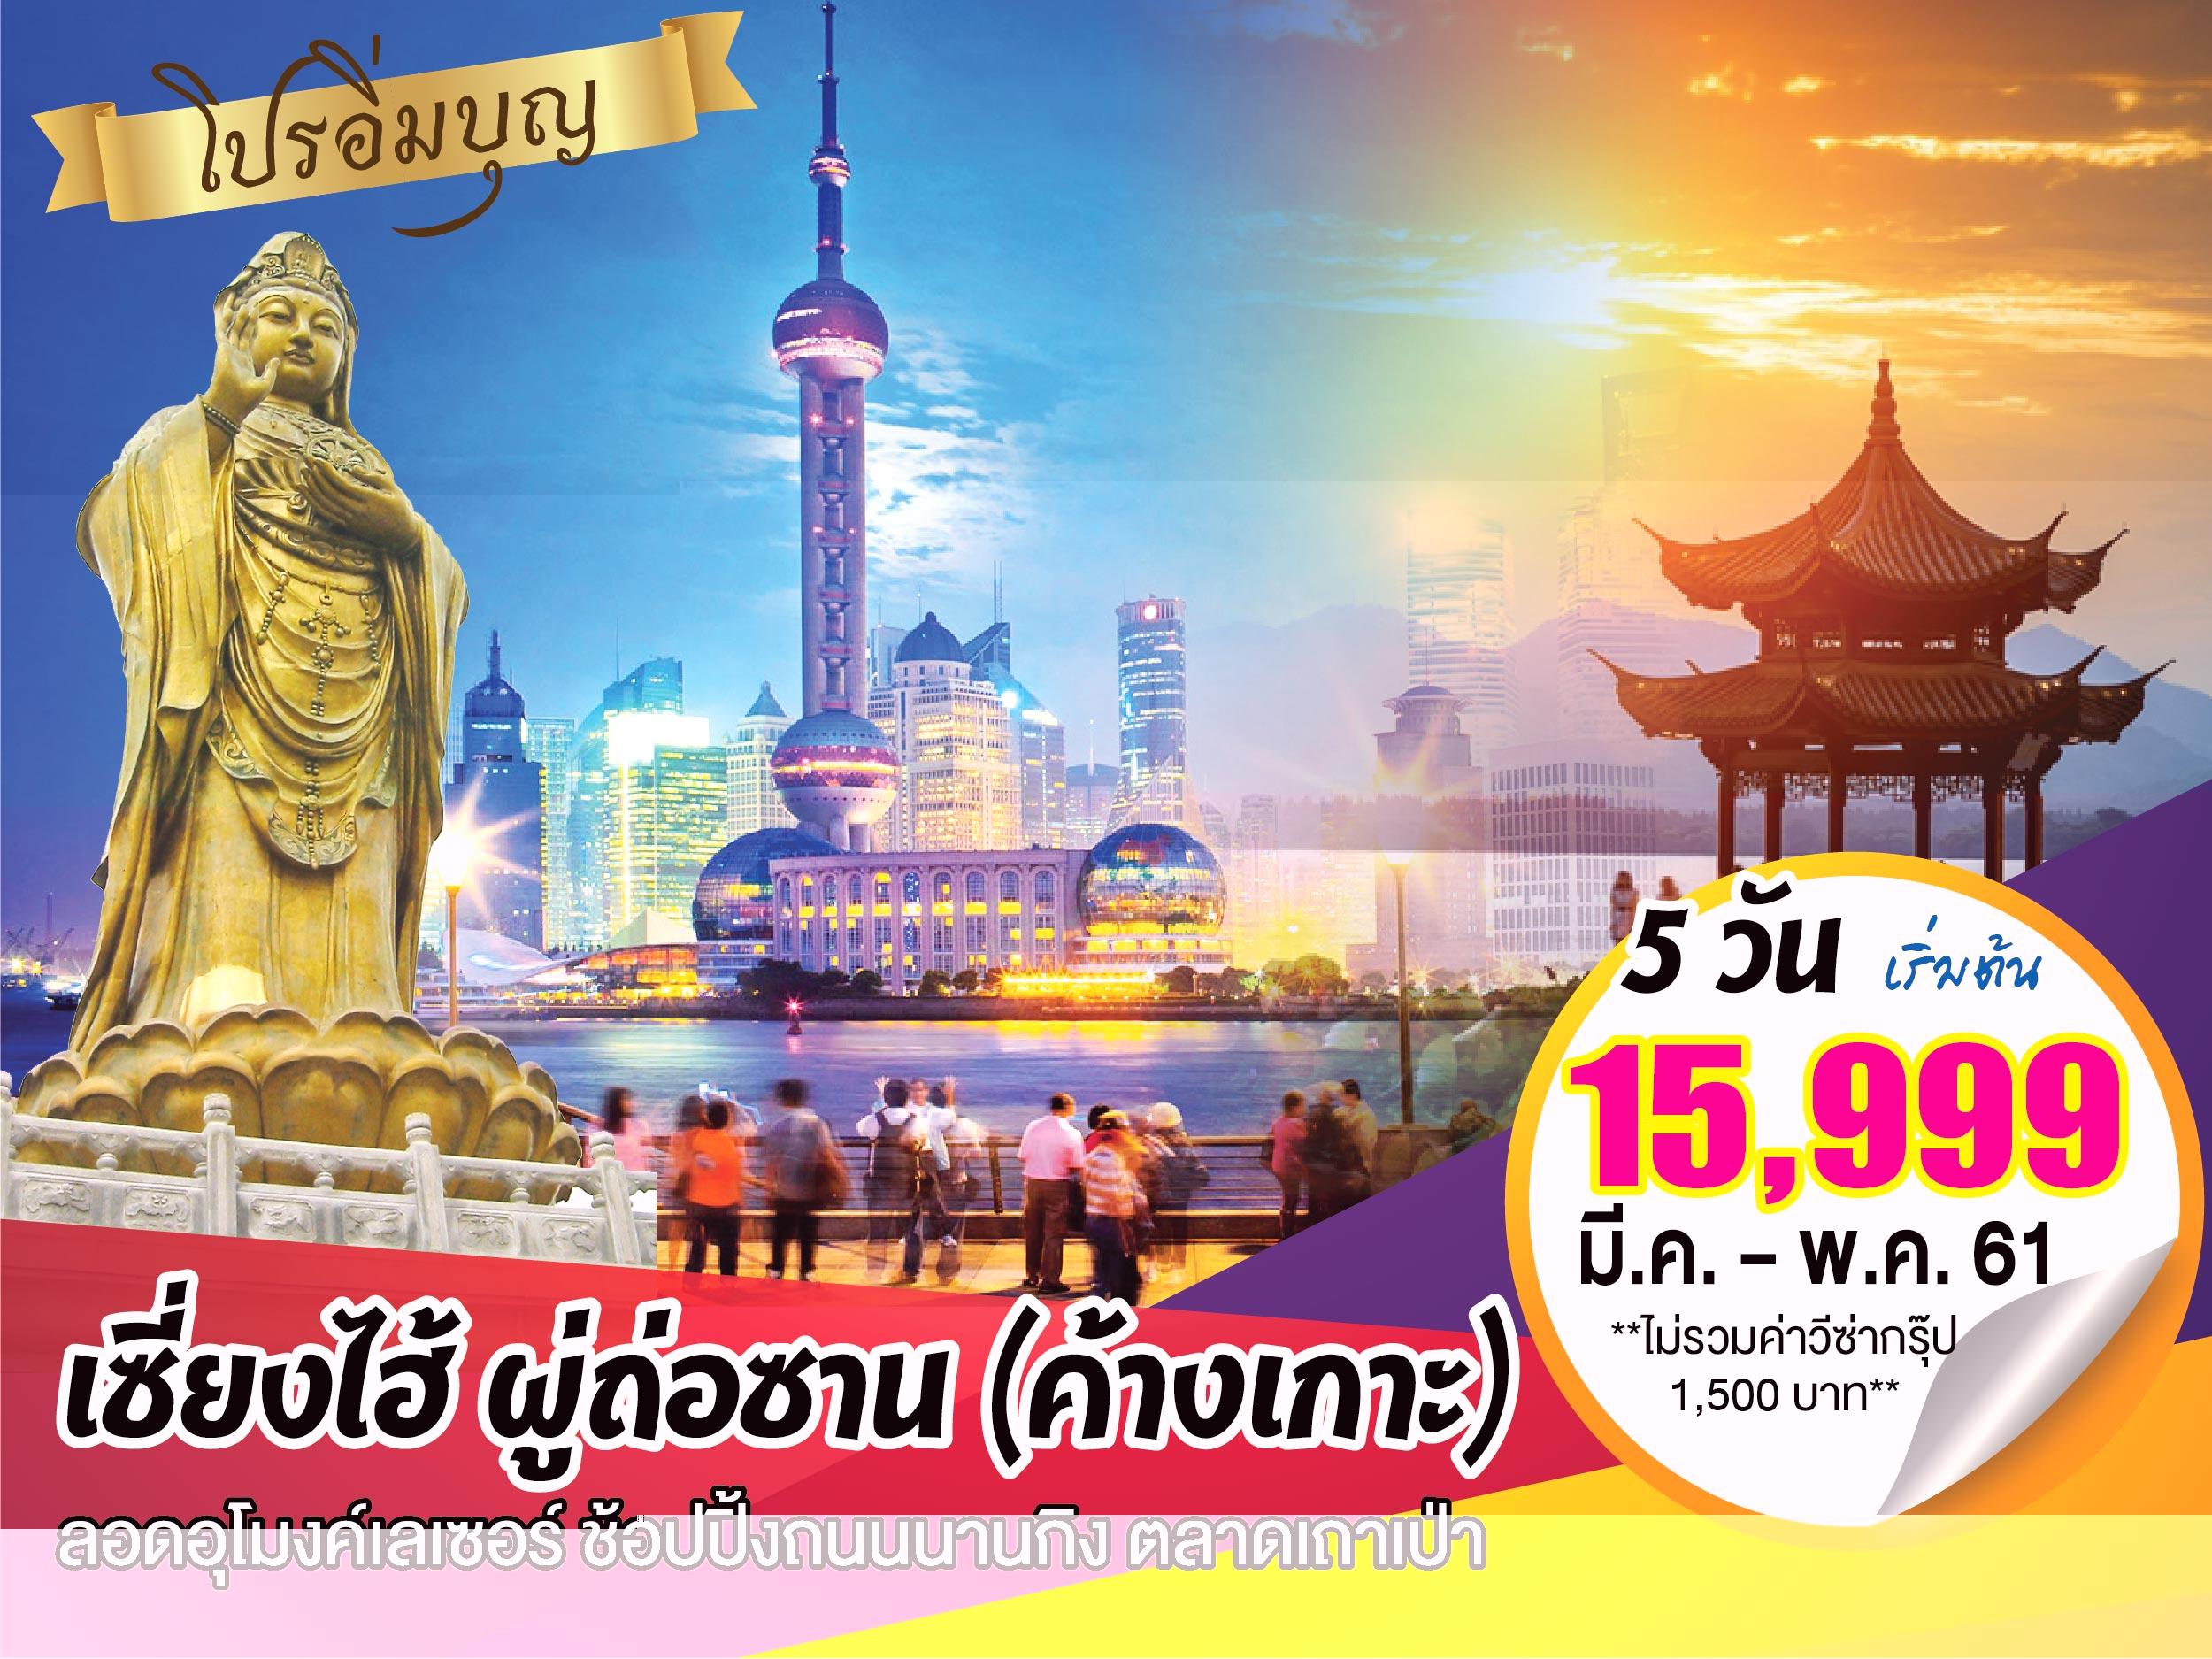 โปรอิ่มบุญ...เซี่ยงไฮ้ ภูถ่อซาน 5 วัน 3 คืน